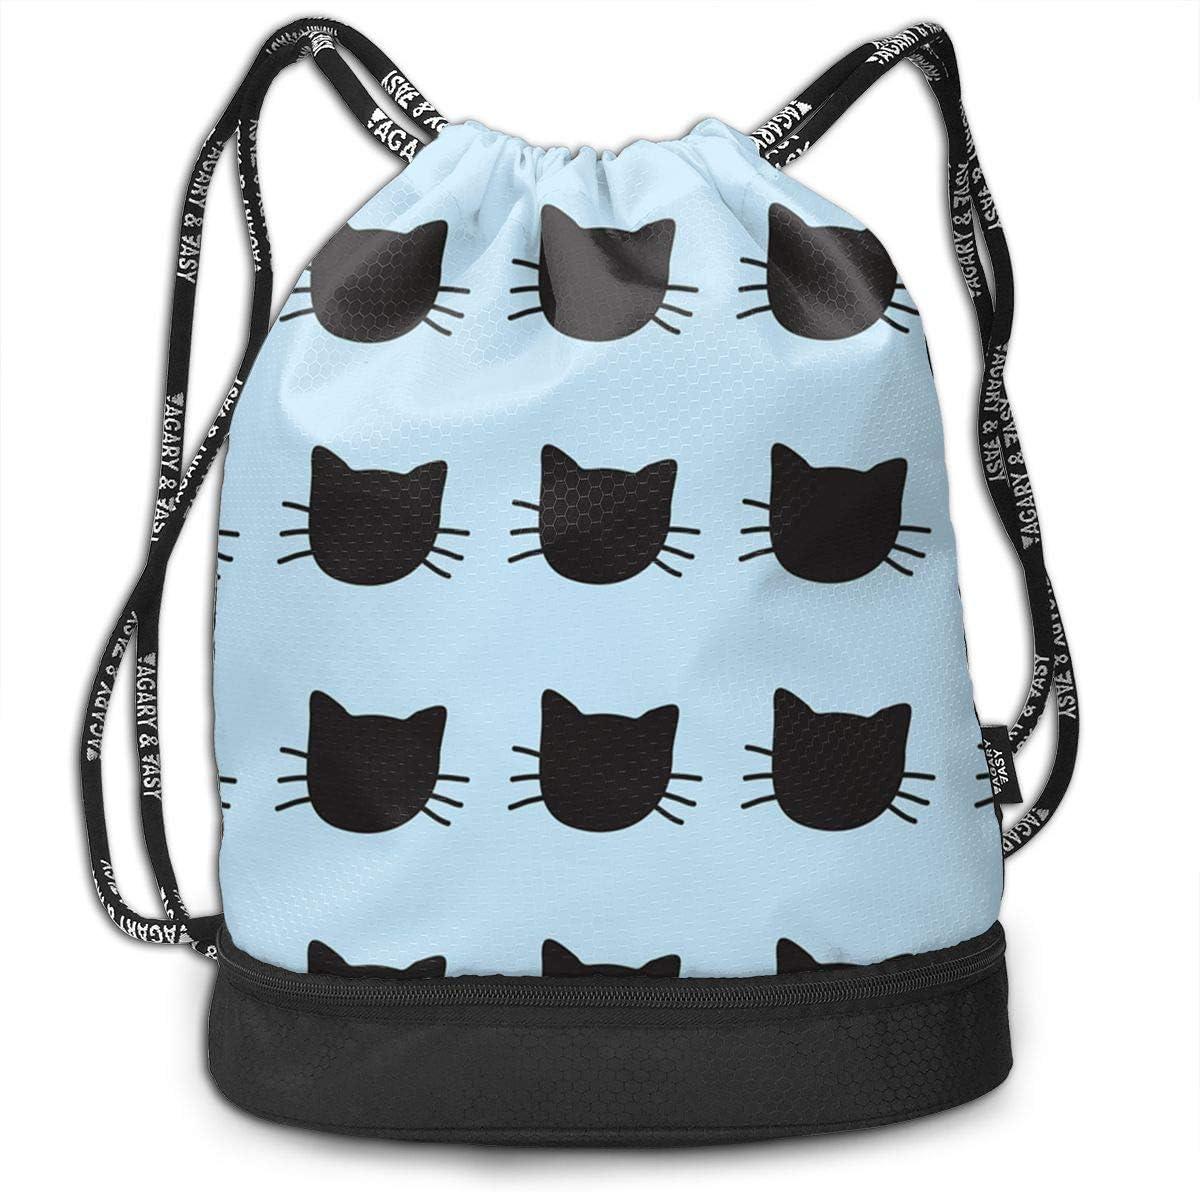 HUOPR5Q Hand-Drawn-Cats Drawstring Backpack Sport Gym Sack Shoulder Bulk Bag Dance Bag for School Travel